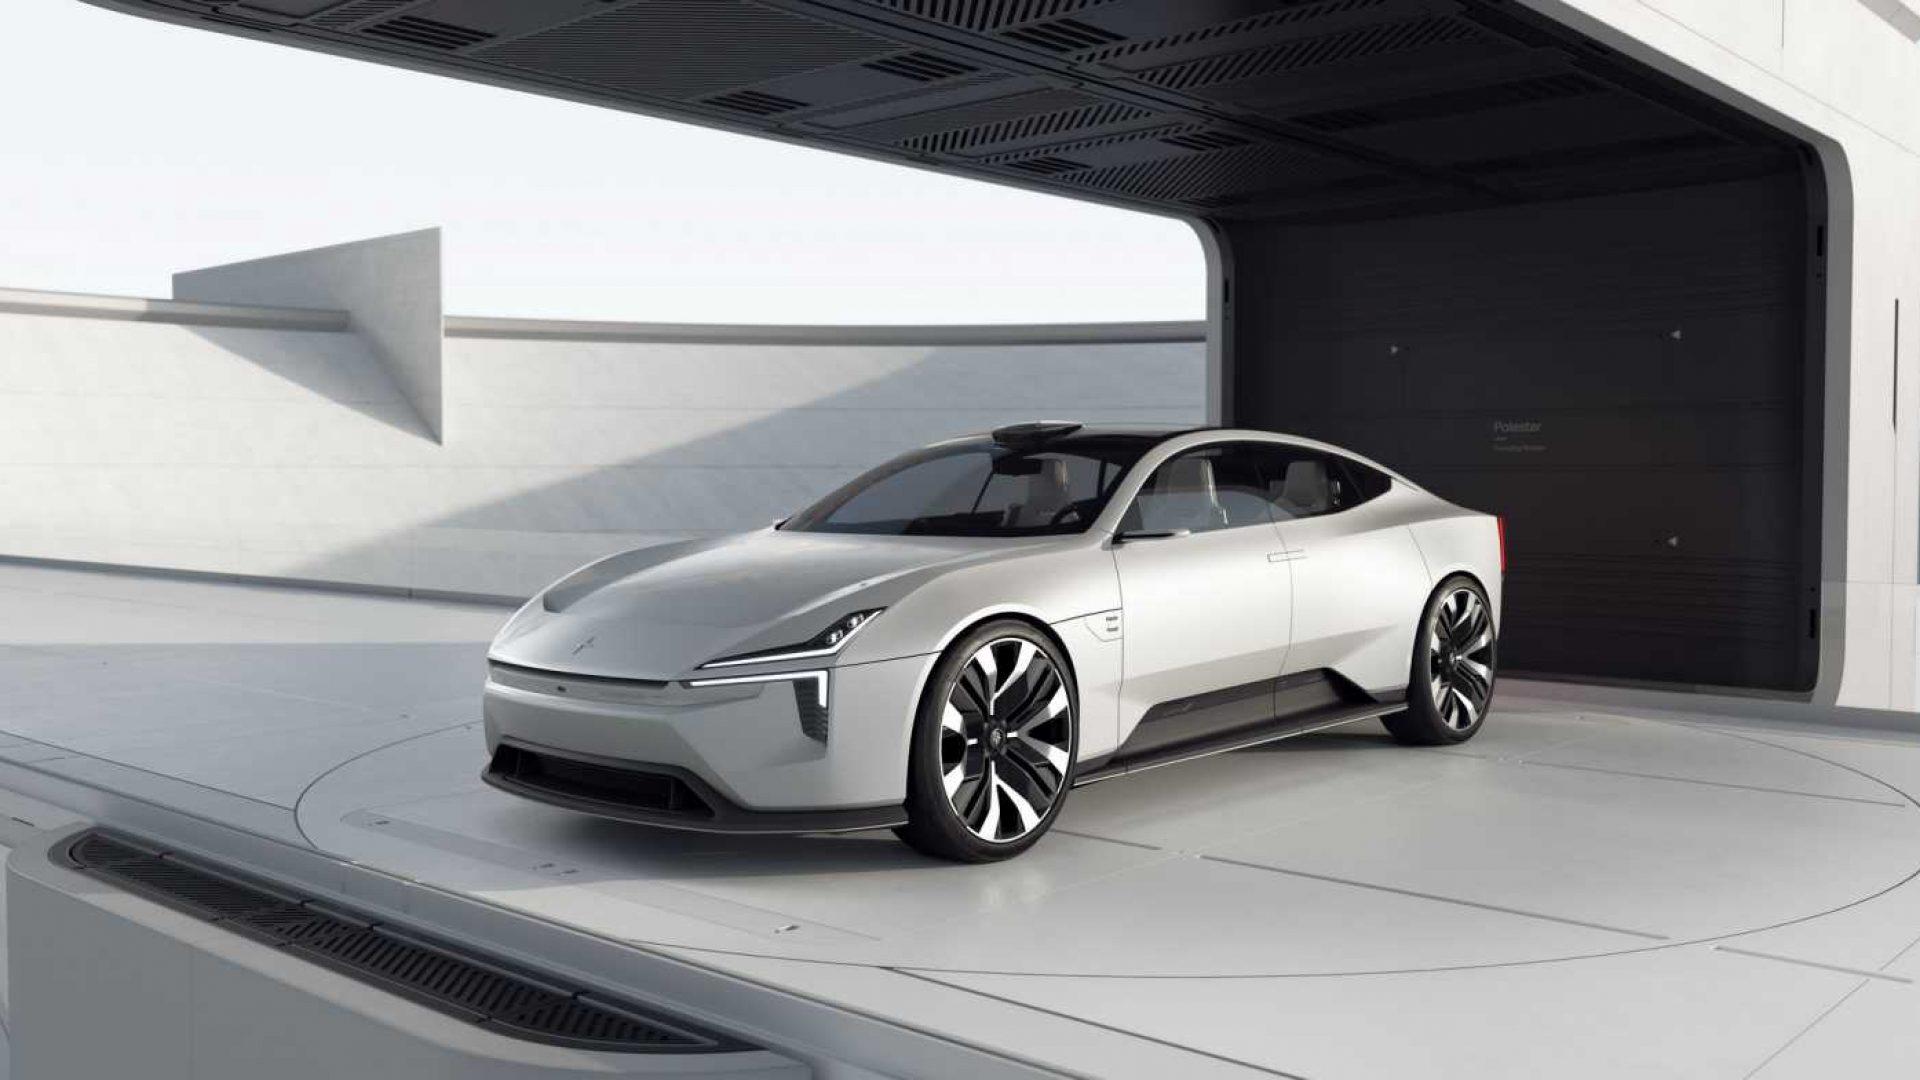 2020-Polestar-Precept-Concept-01